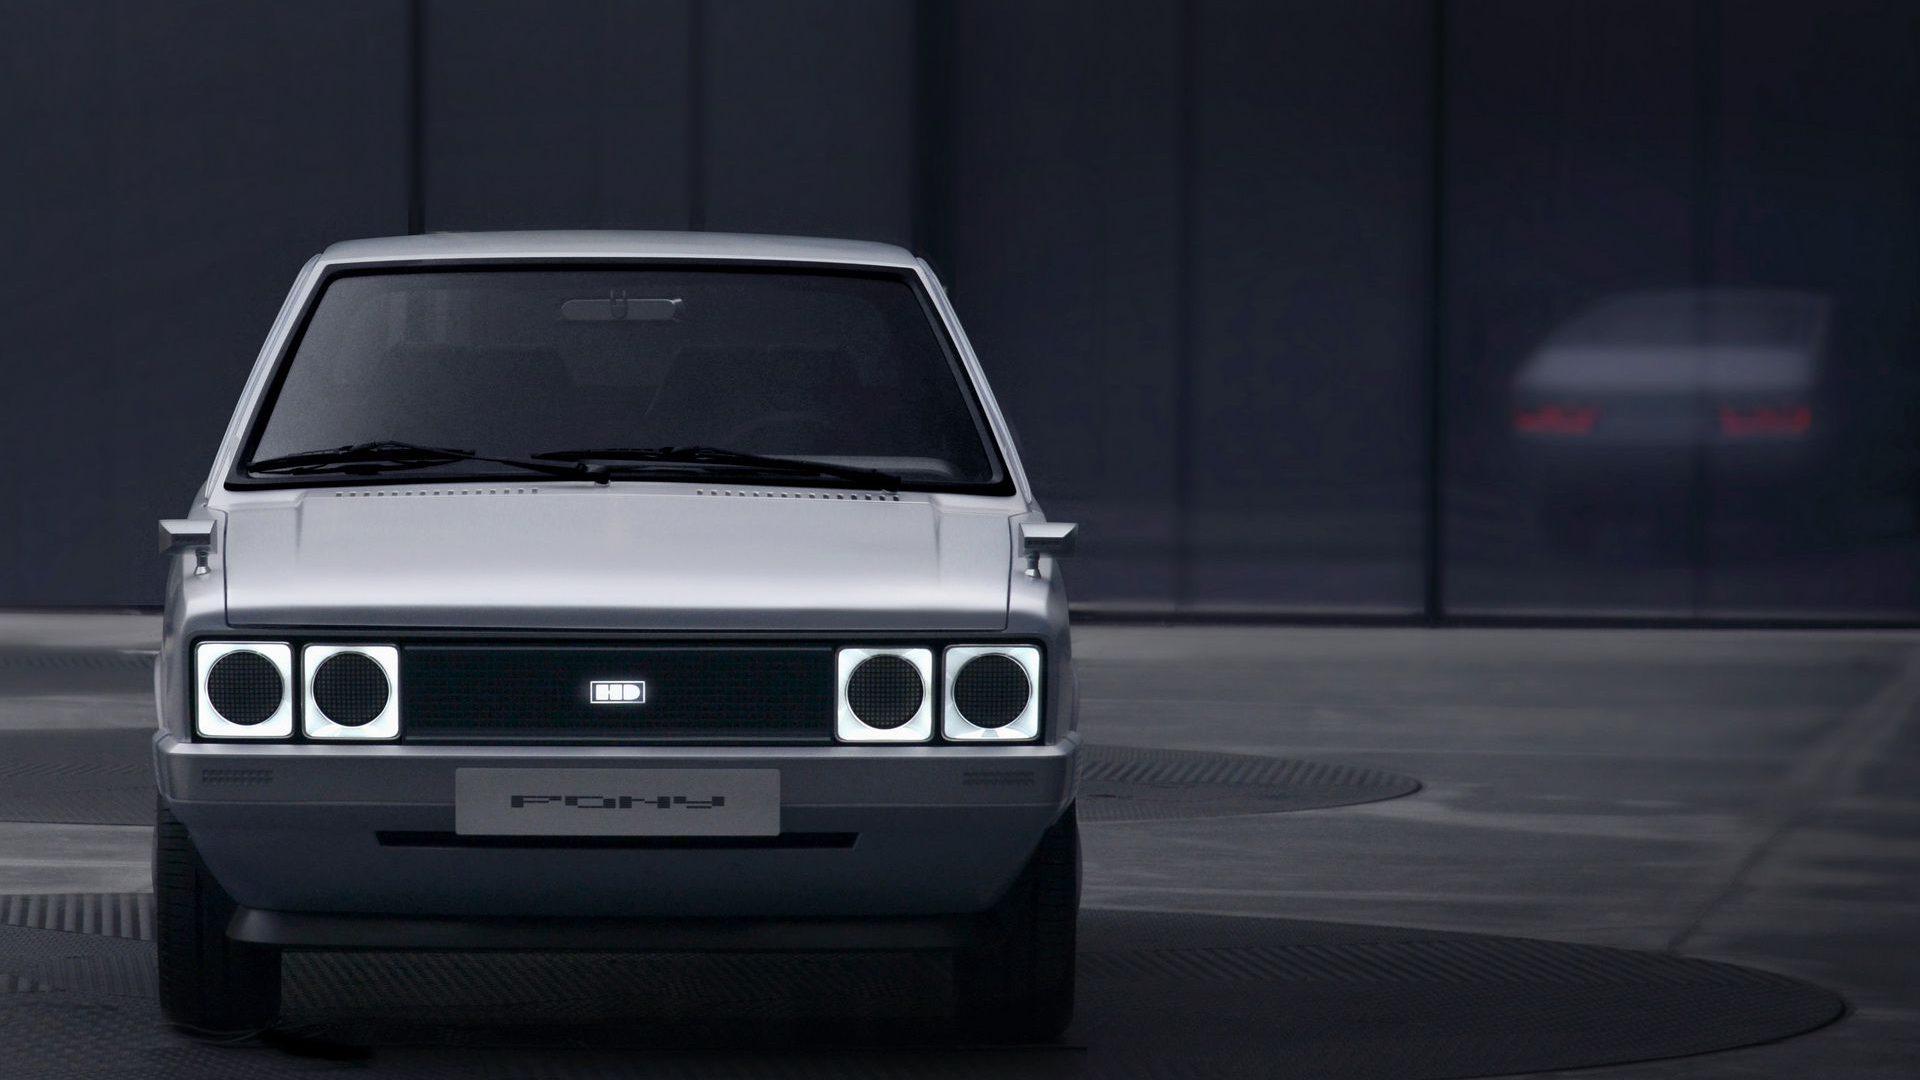 2021-Hyundai-Pony-EV-Show-Car-01